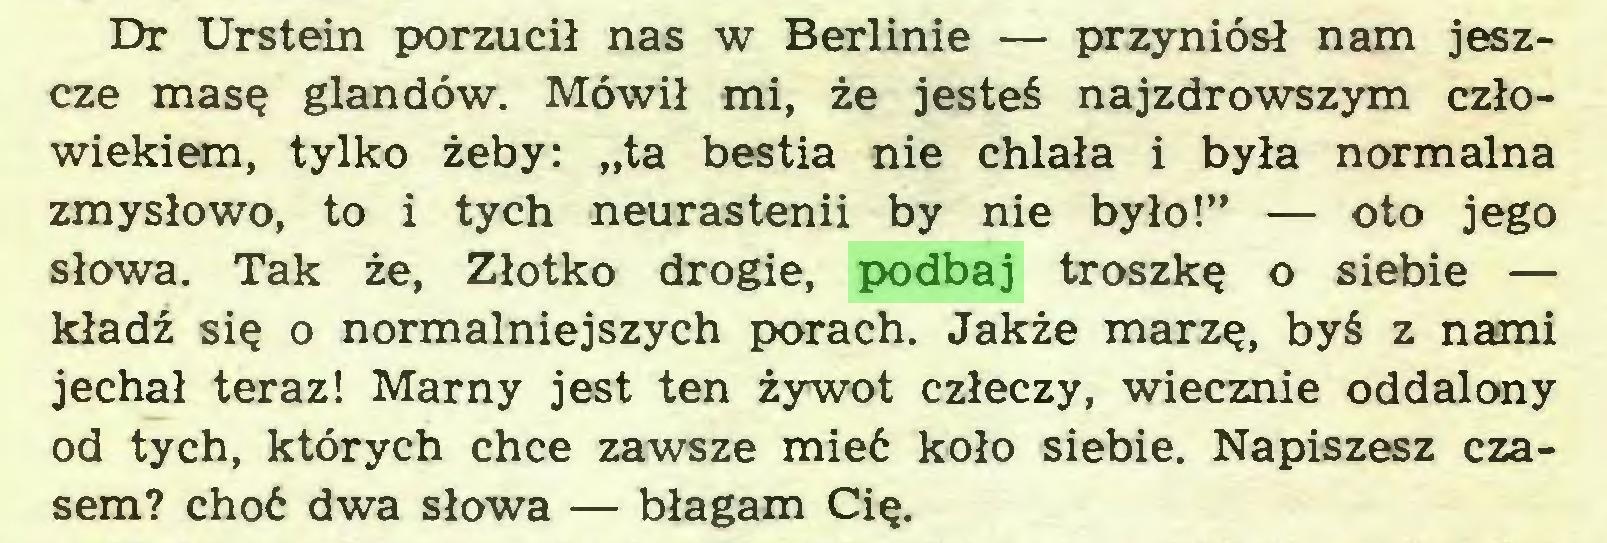 """(...) Dr Urstein porzucił nas w Berlinie — przyniósł nam jeszcze masę glandów. Mówił mi, że jesteś najzdrowszym człowiekiem, tylko żeby: """"ta bestia nie chlała i była normalna zmysłowo, to i tych neurastenii by nie było!"""" — oto jego słowa. Tak że, Złotko drogie, podbaj troszkę o siebie — kładź się o normalniejszych porach. Jakże marzę, byś z nami jechał teraz! Marny jest ten żywot człeczy, wiecznie oddalony od tych, których chce zawsze mieć koło siebie. Napiszesz czasem? choć dwa słowa — błagam Cię..."""